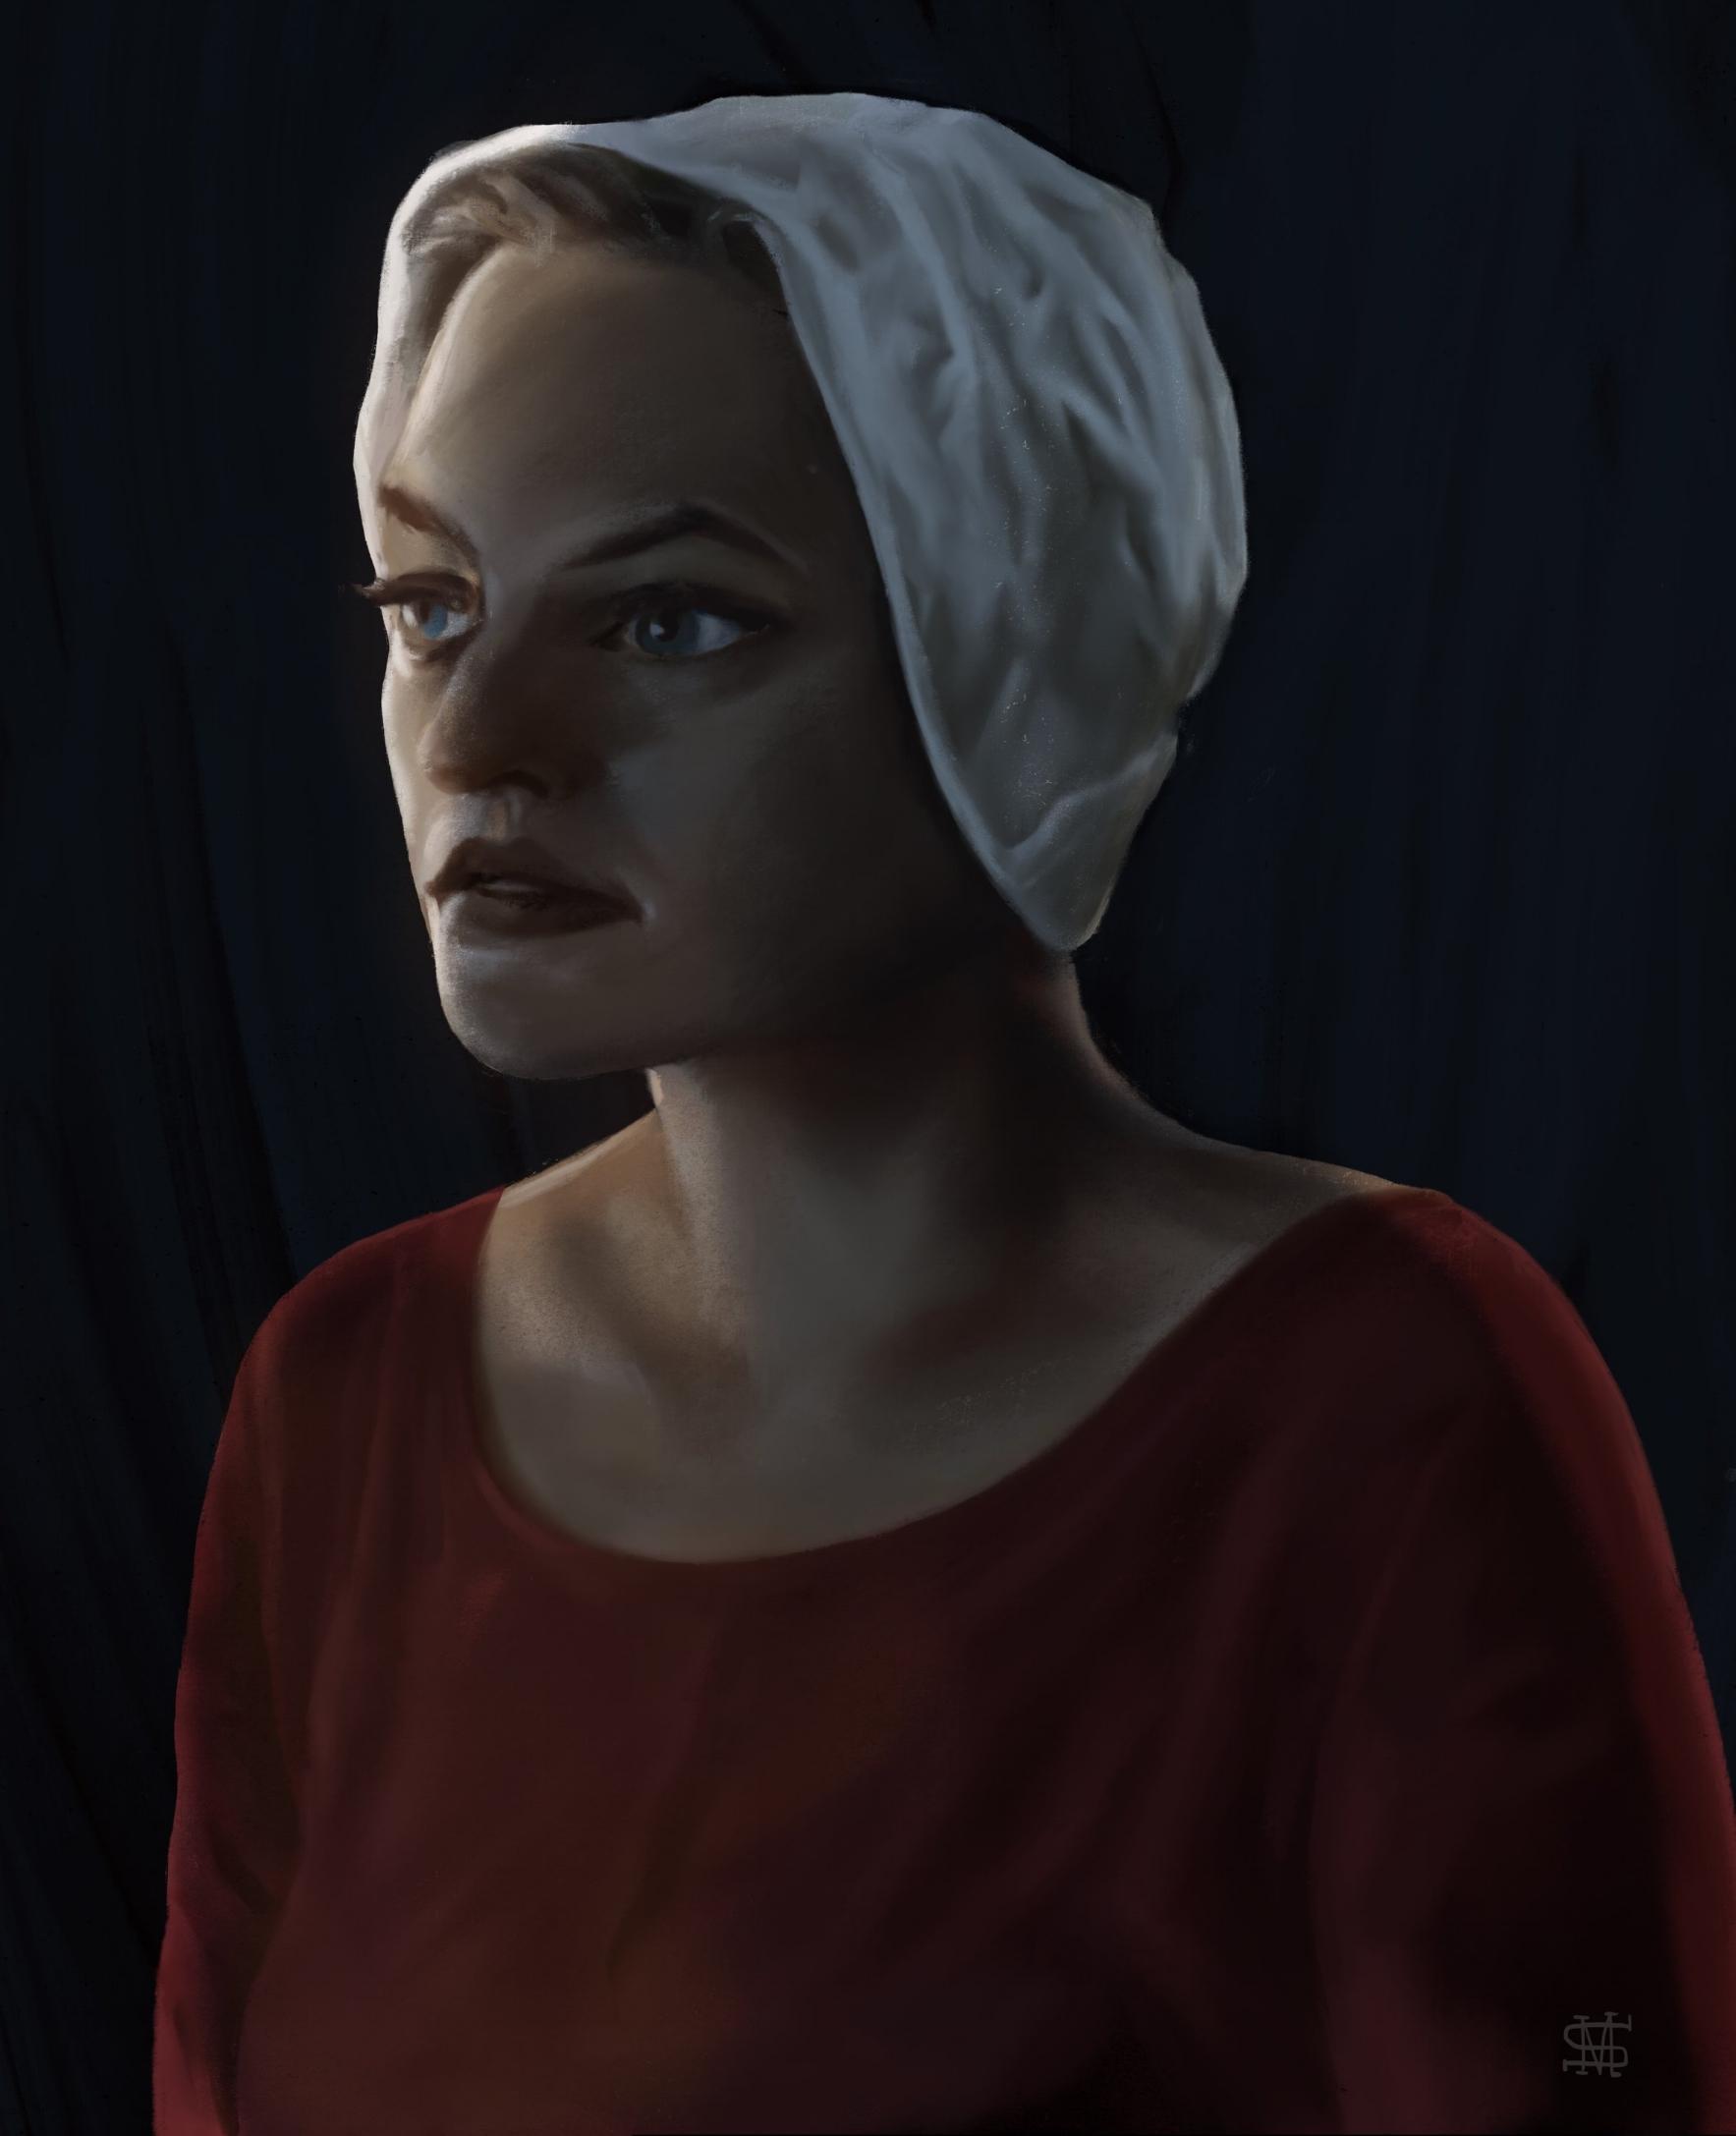 Elizabeth Moss as Offred